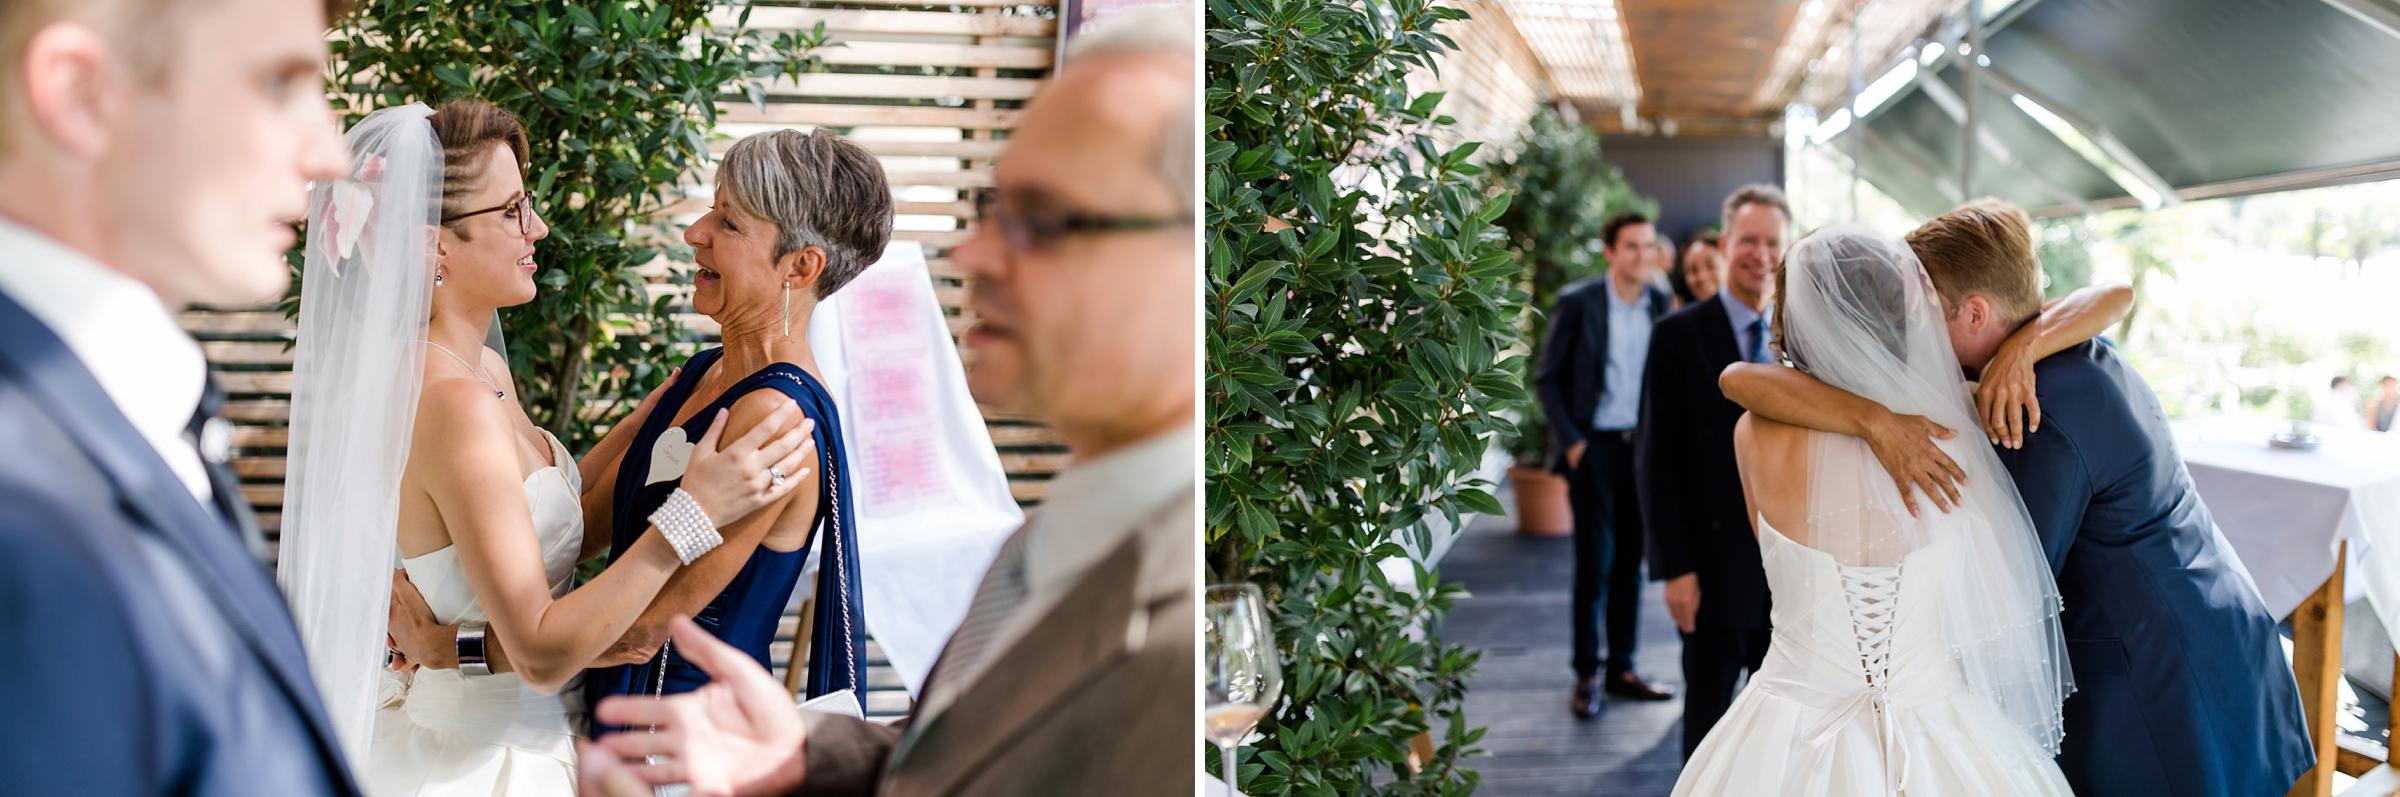 Hochzeitsreportage-Zuerich-Gaeste-freuen-sich-mit-Brautpaar-Giardino-Verde-Uitikon